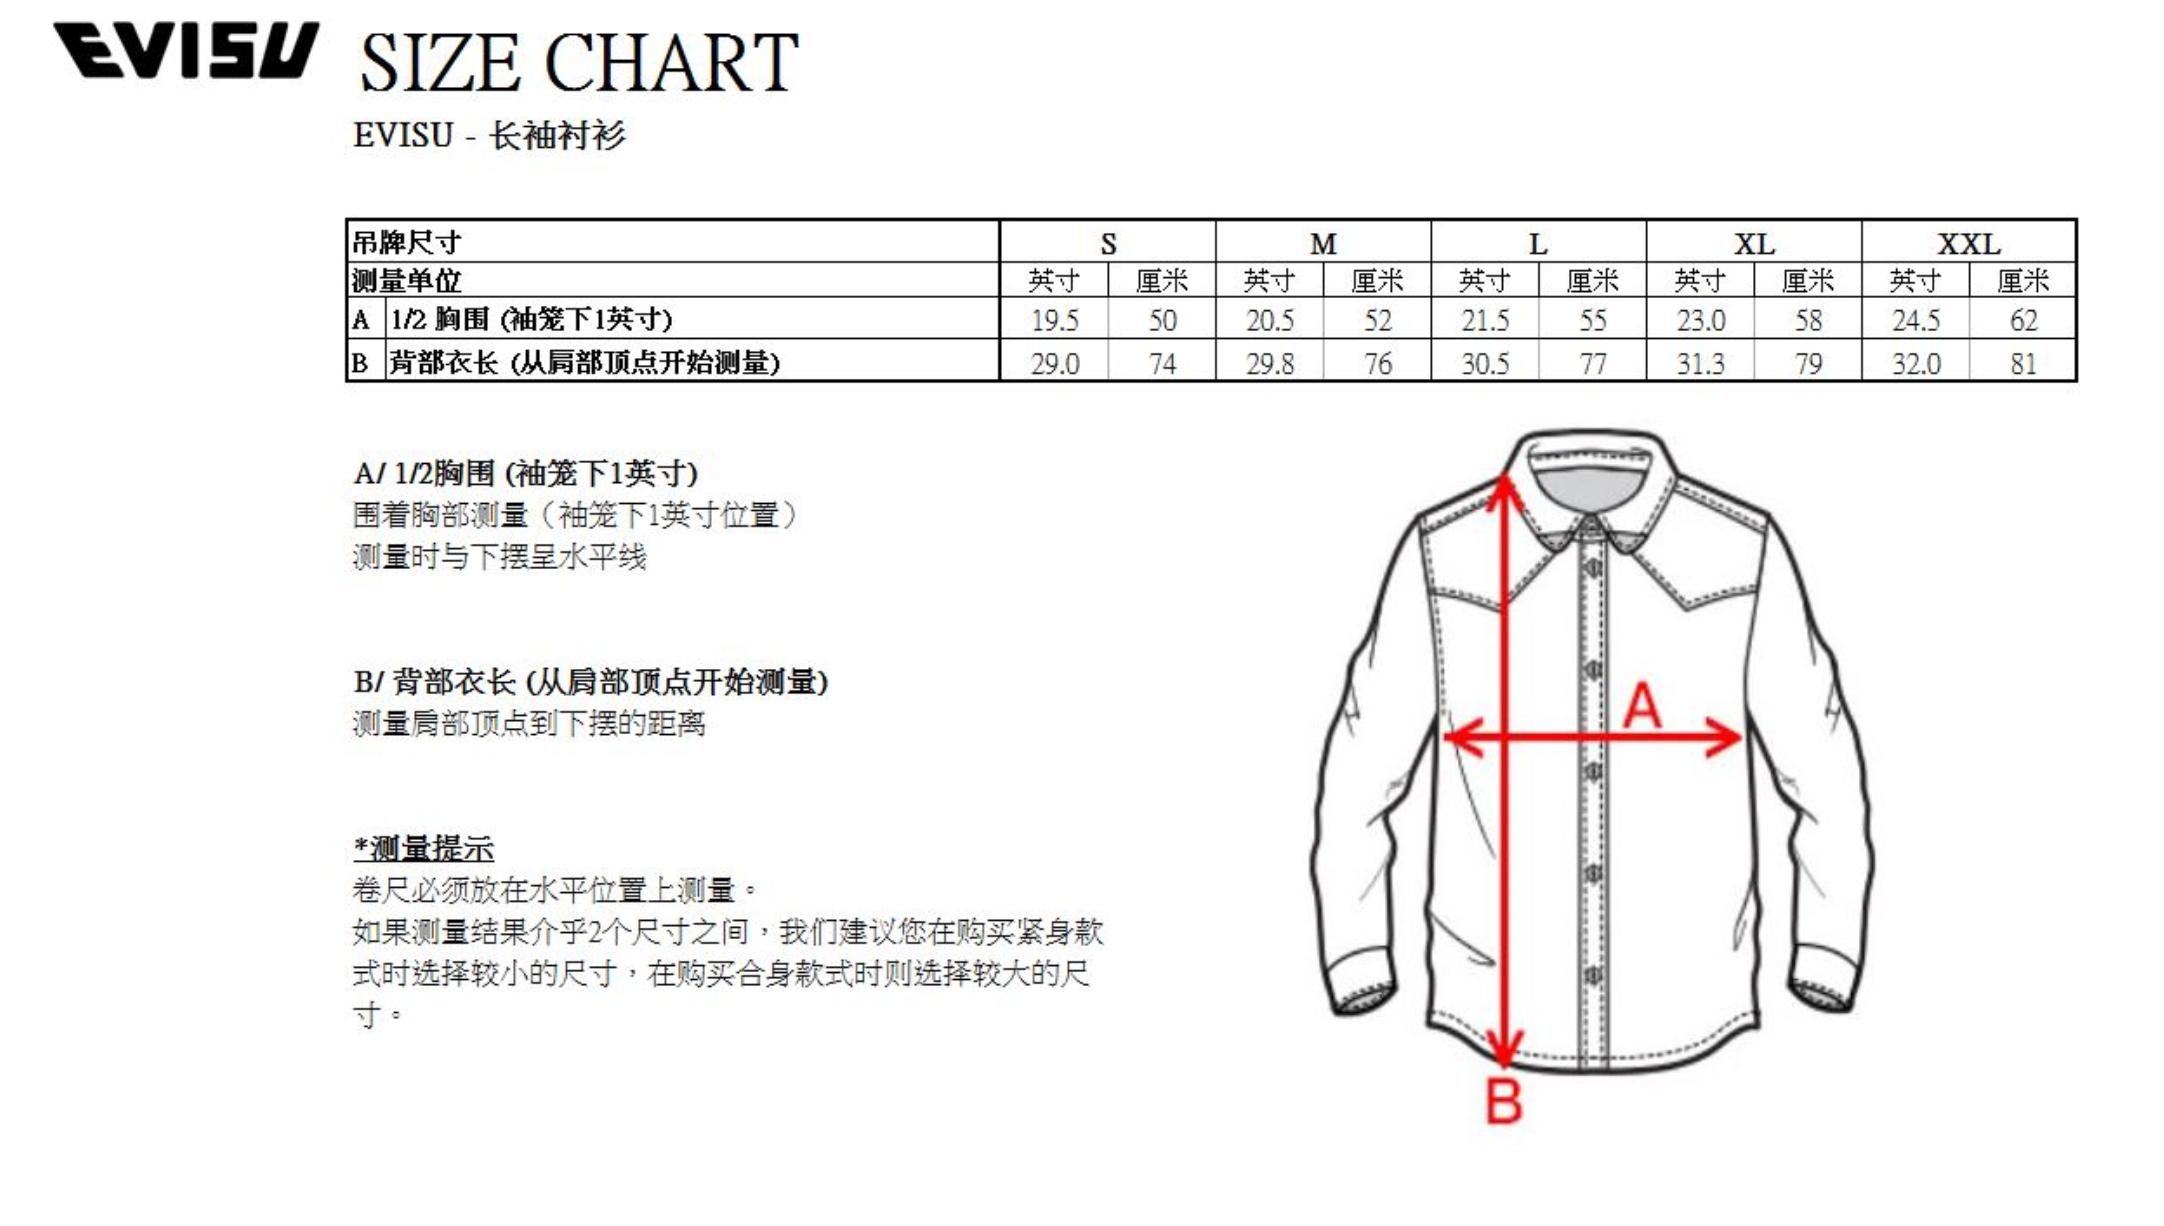 EVISU 惠美寿男士长袖衬衫